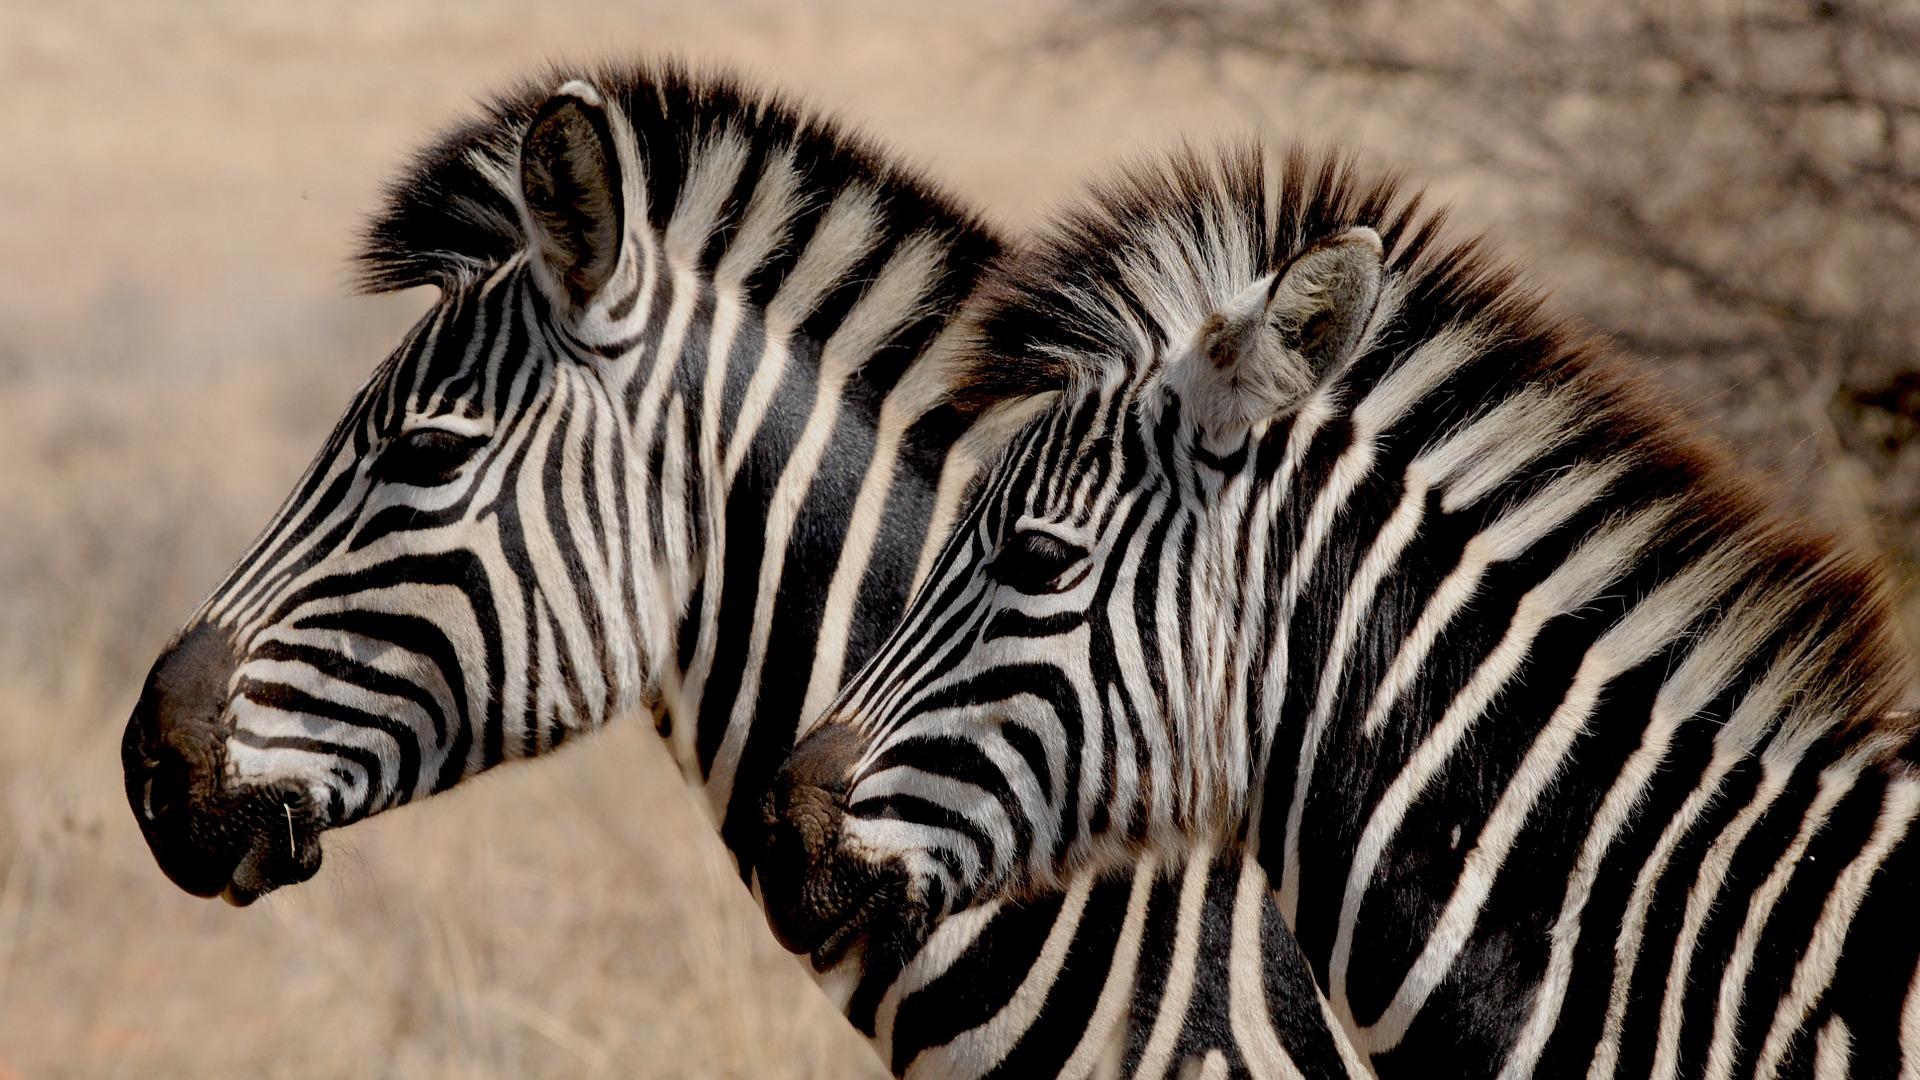 zebra-927272_1920.jpg